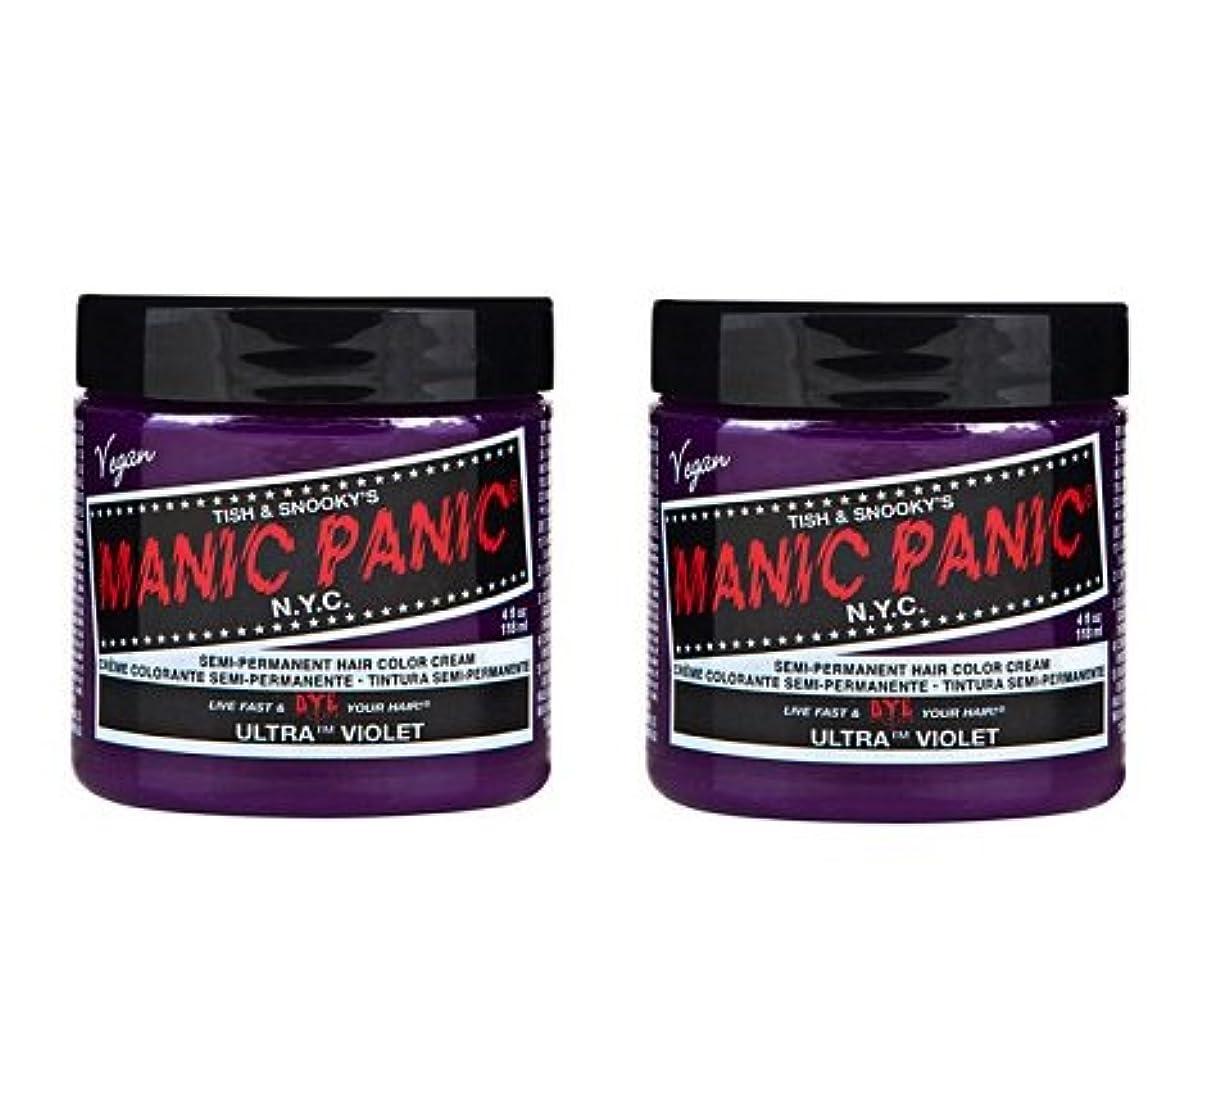 道路を作るプロセスである厚い【2個セット】MANIC PANIC マニックパニック Ultra Violet ウルトラヴァイオレット 118ml